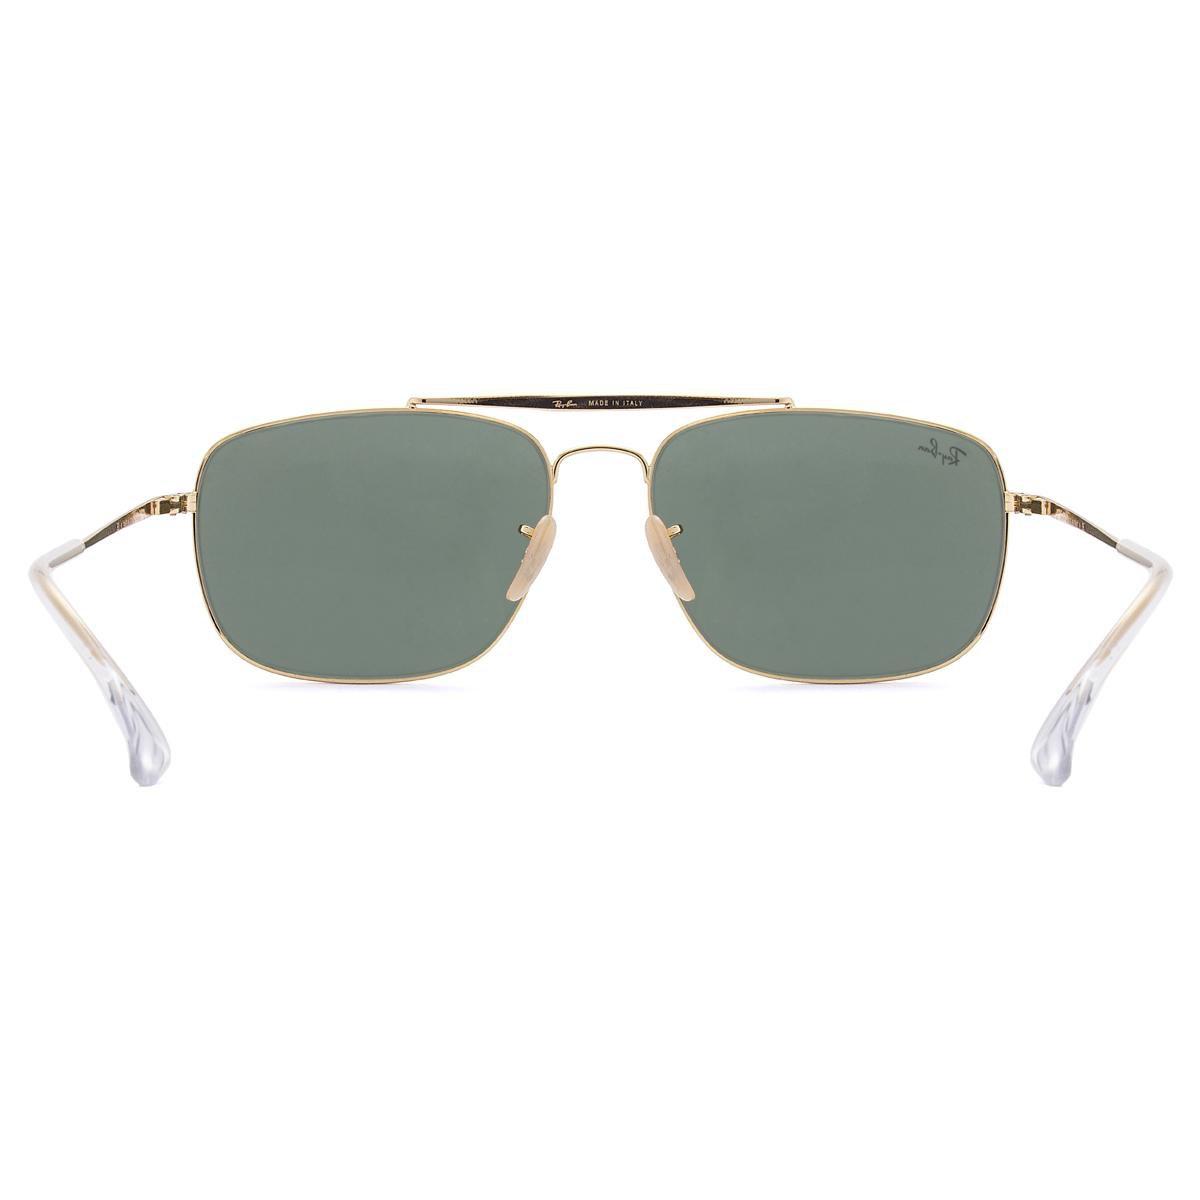 Óculos de Sol Ray-Ban The Colonel RB3560 -001 3F 61 - Dourado ... 843f637f48